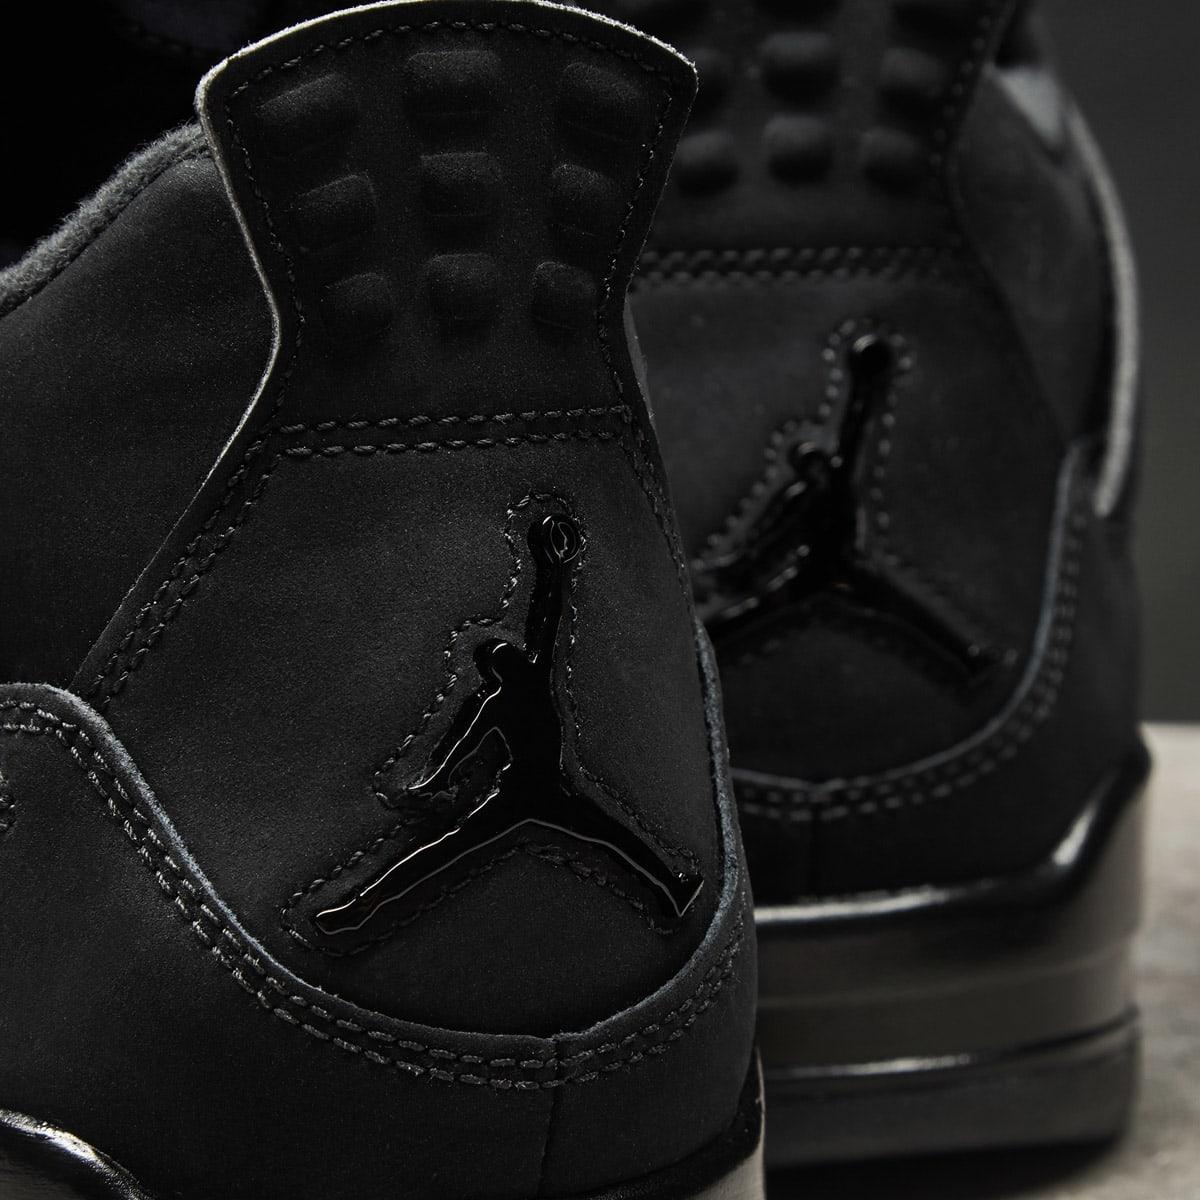 Air Jordan 4 - CU1110-010